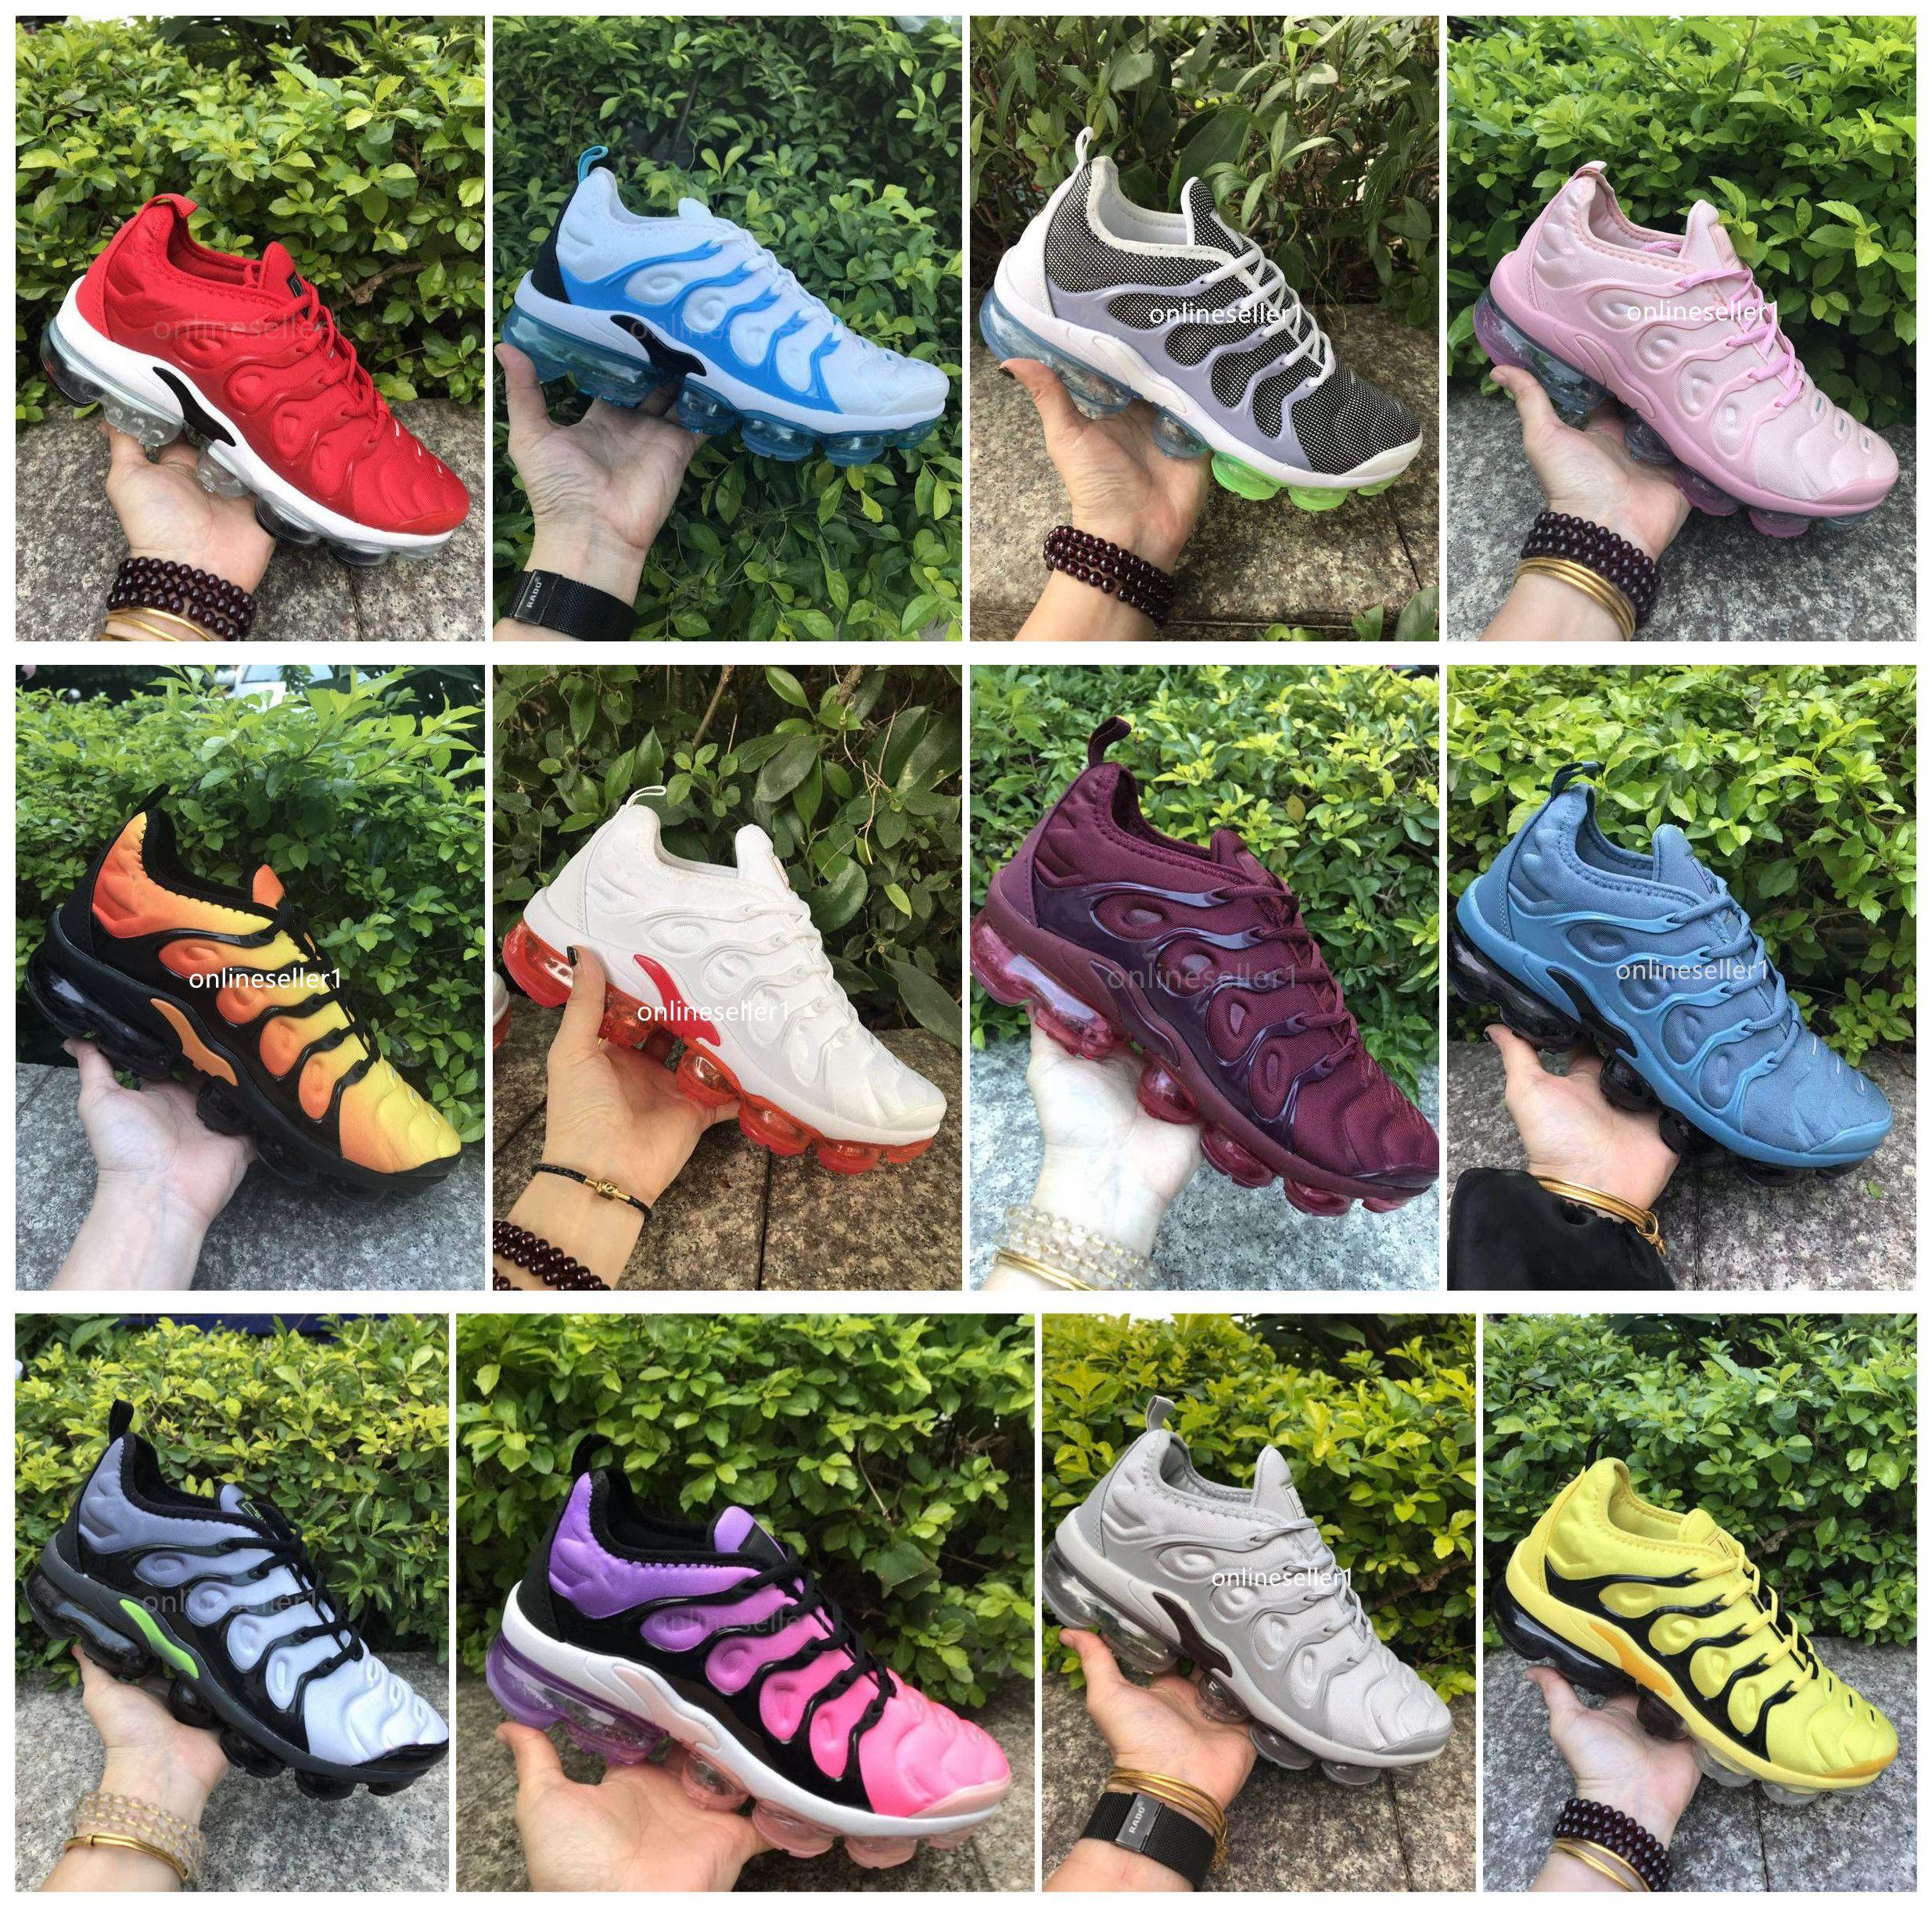 2020 Nova Triplo Preto Burgundy Running Shoes Designer Homens Mulheres do arco-íris Hiper persa azul violeta Sports Shoes Sneakers Com Box